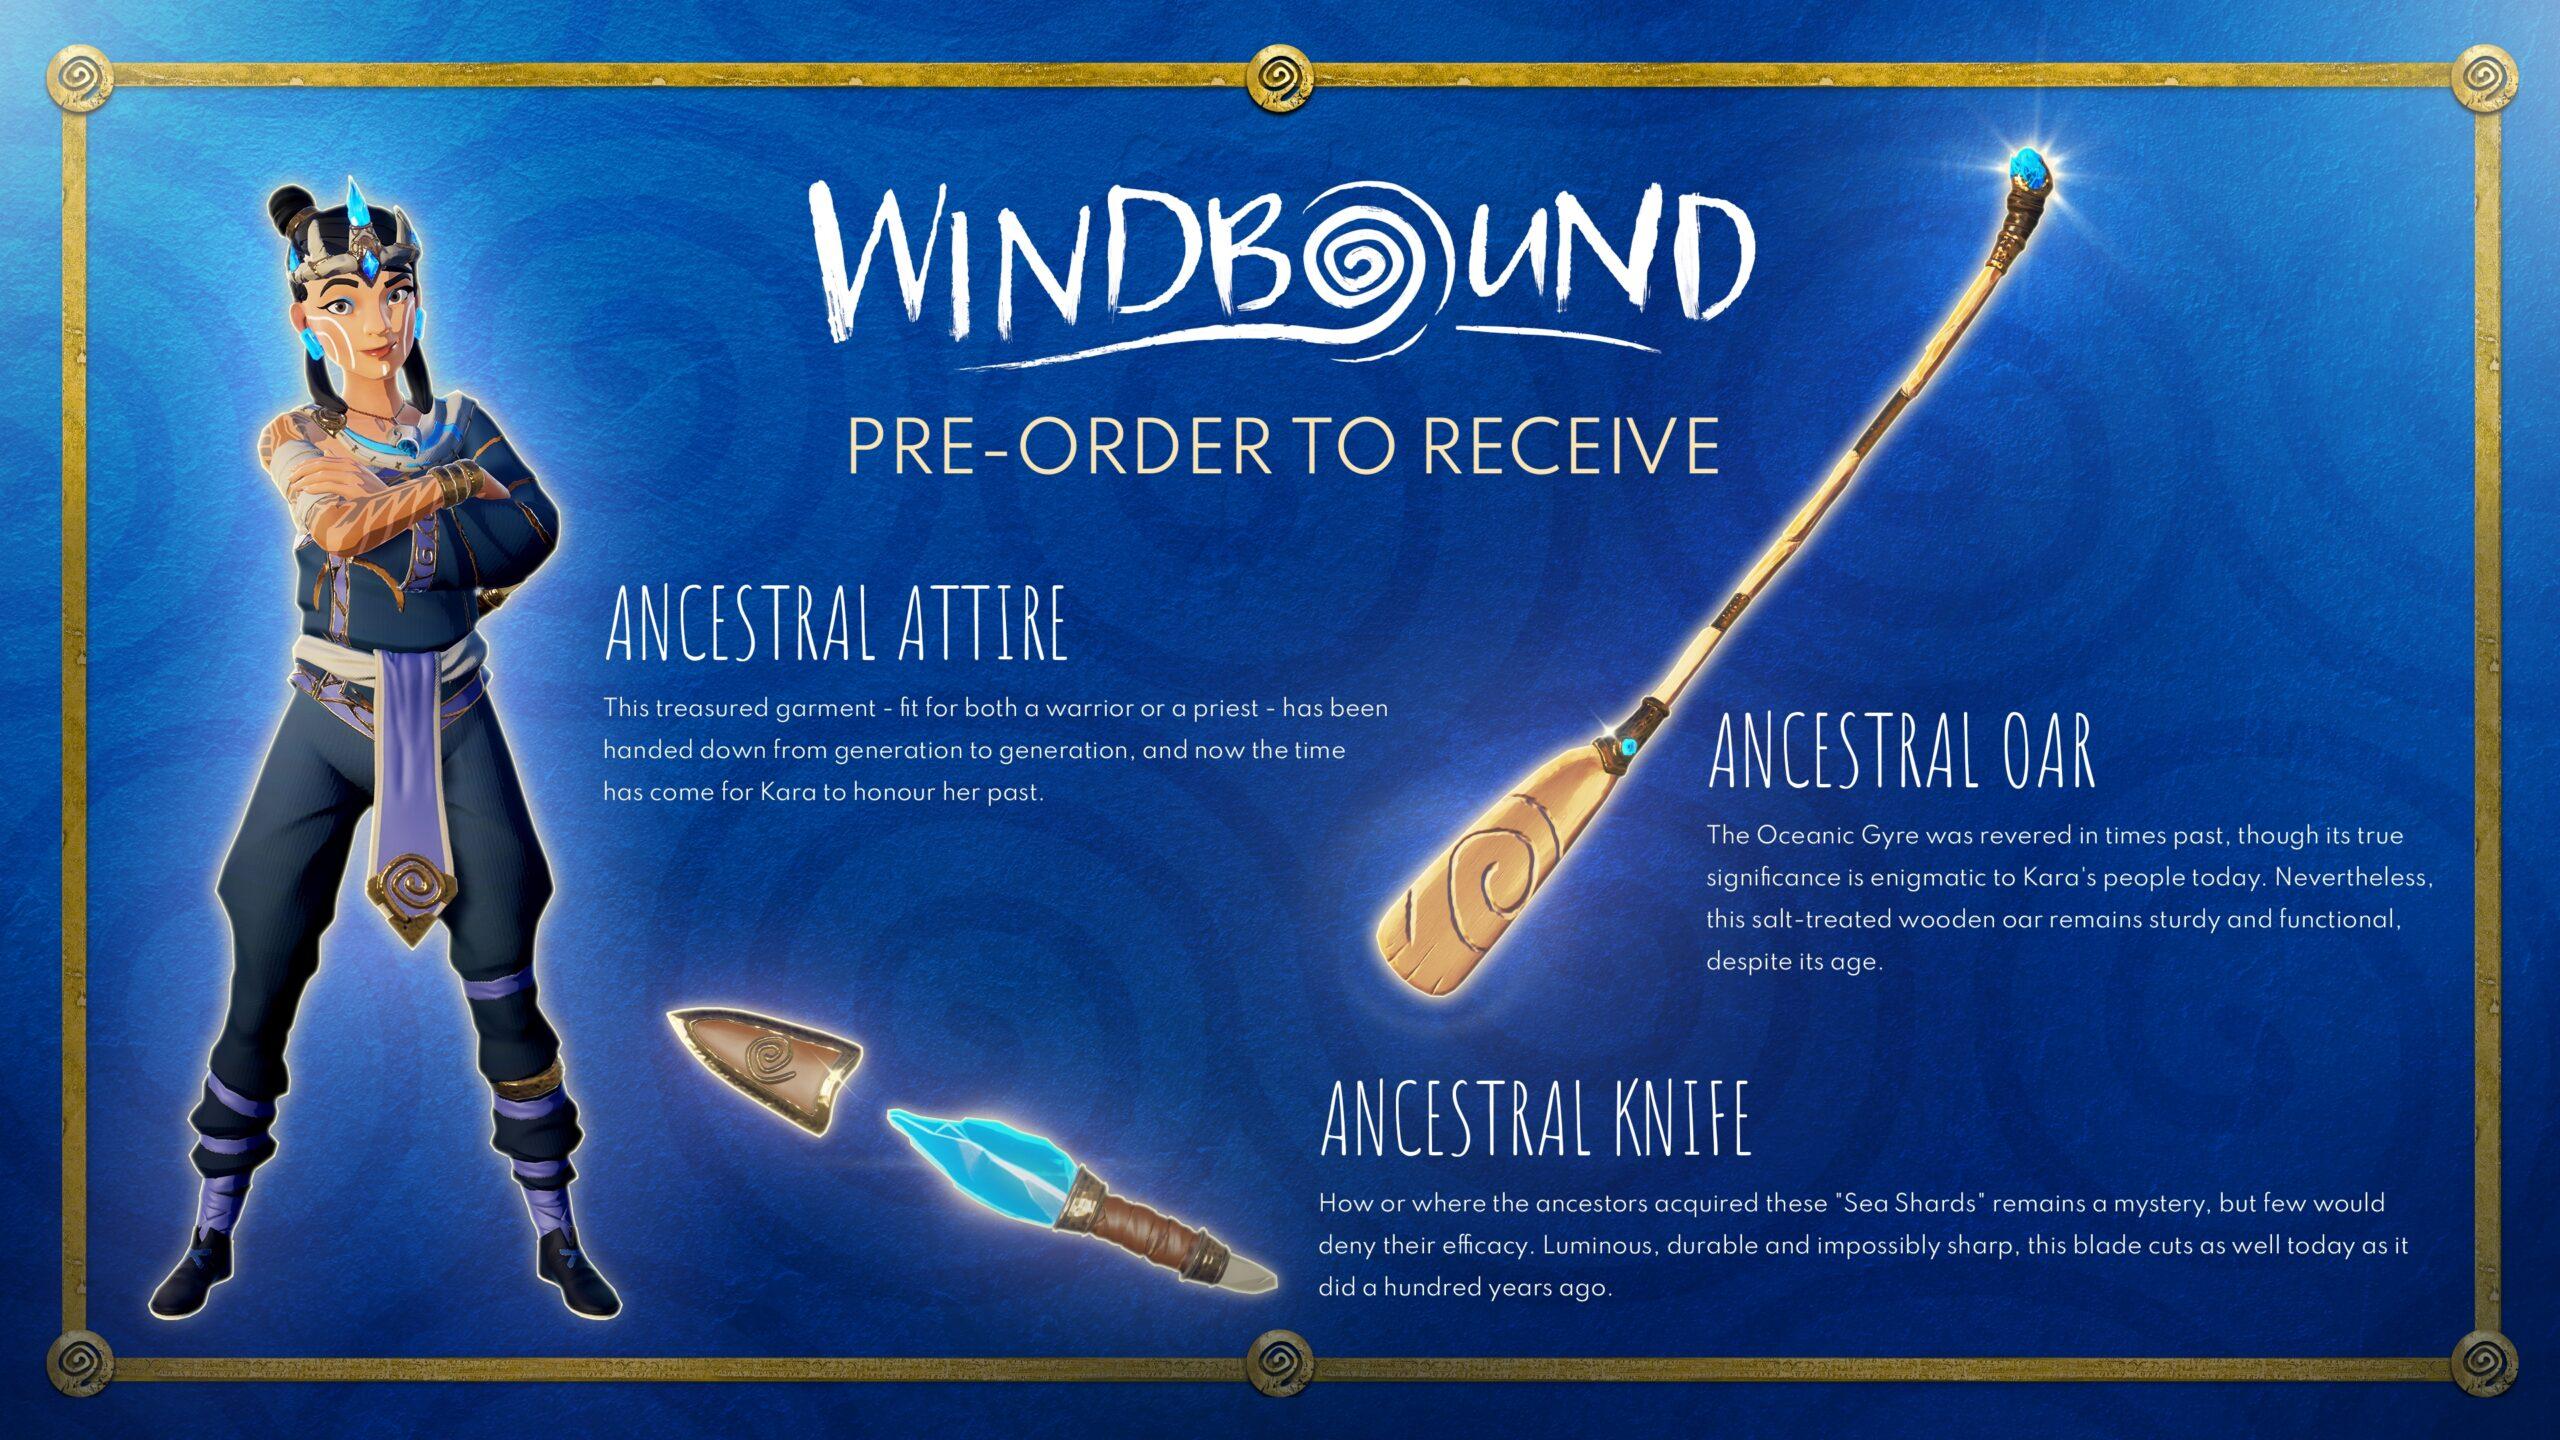 Windbound_2020_06-11-20_007